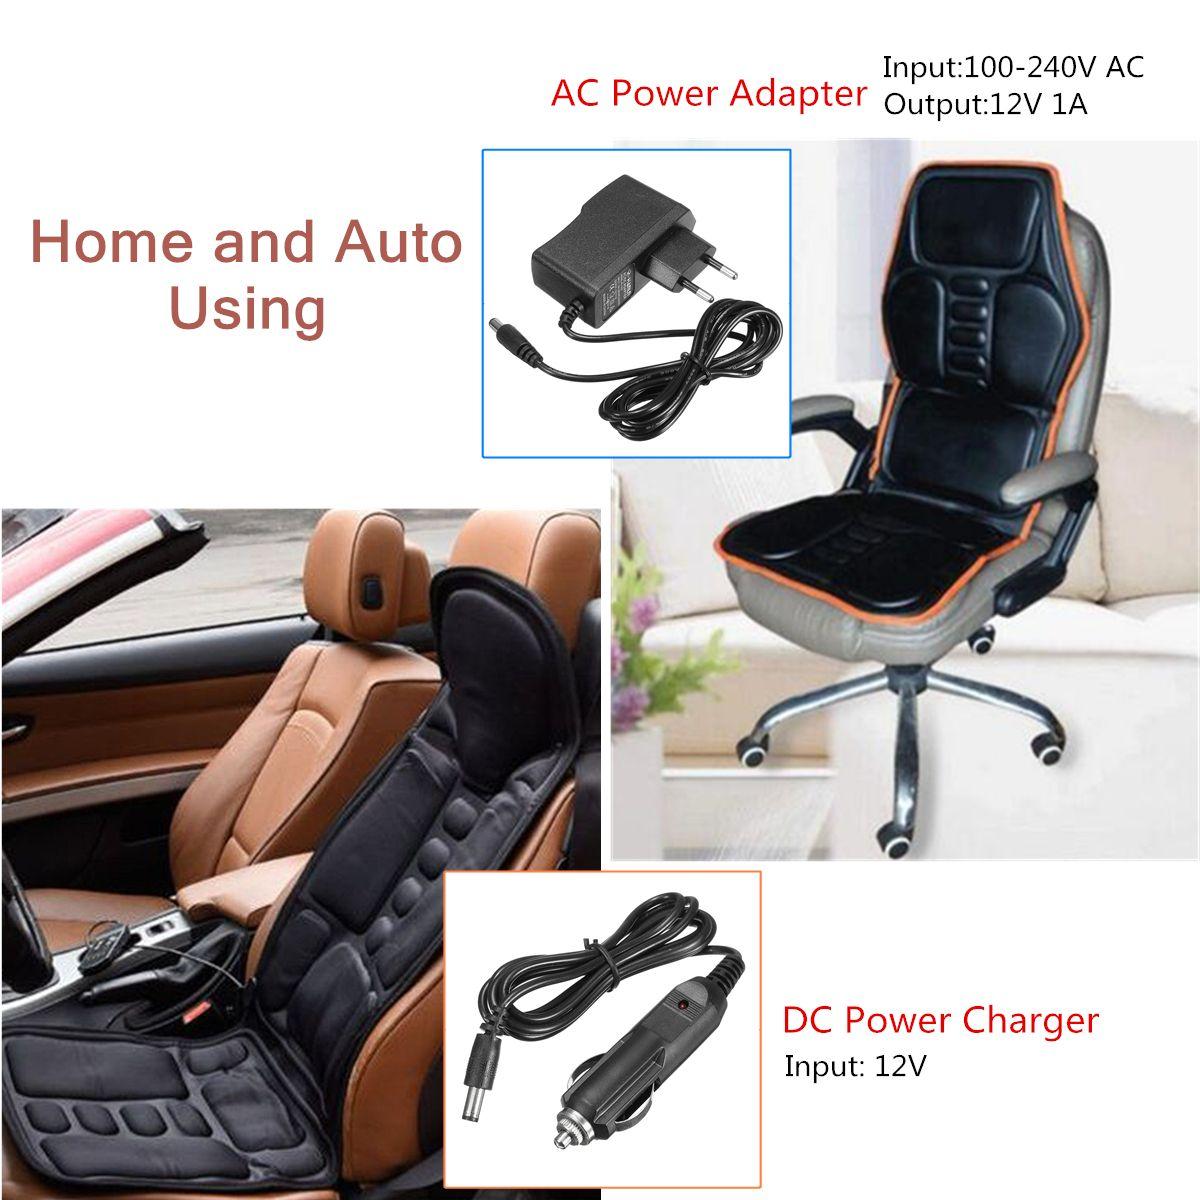 8 Mode 3 Intensity Car Chair Heat Full Body Heated Massage Mat